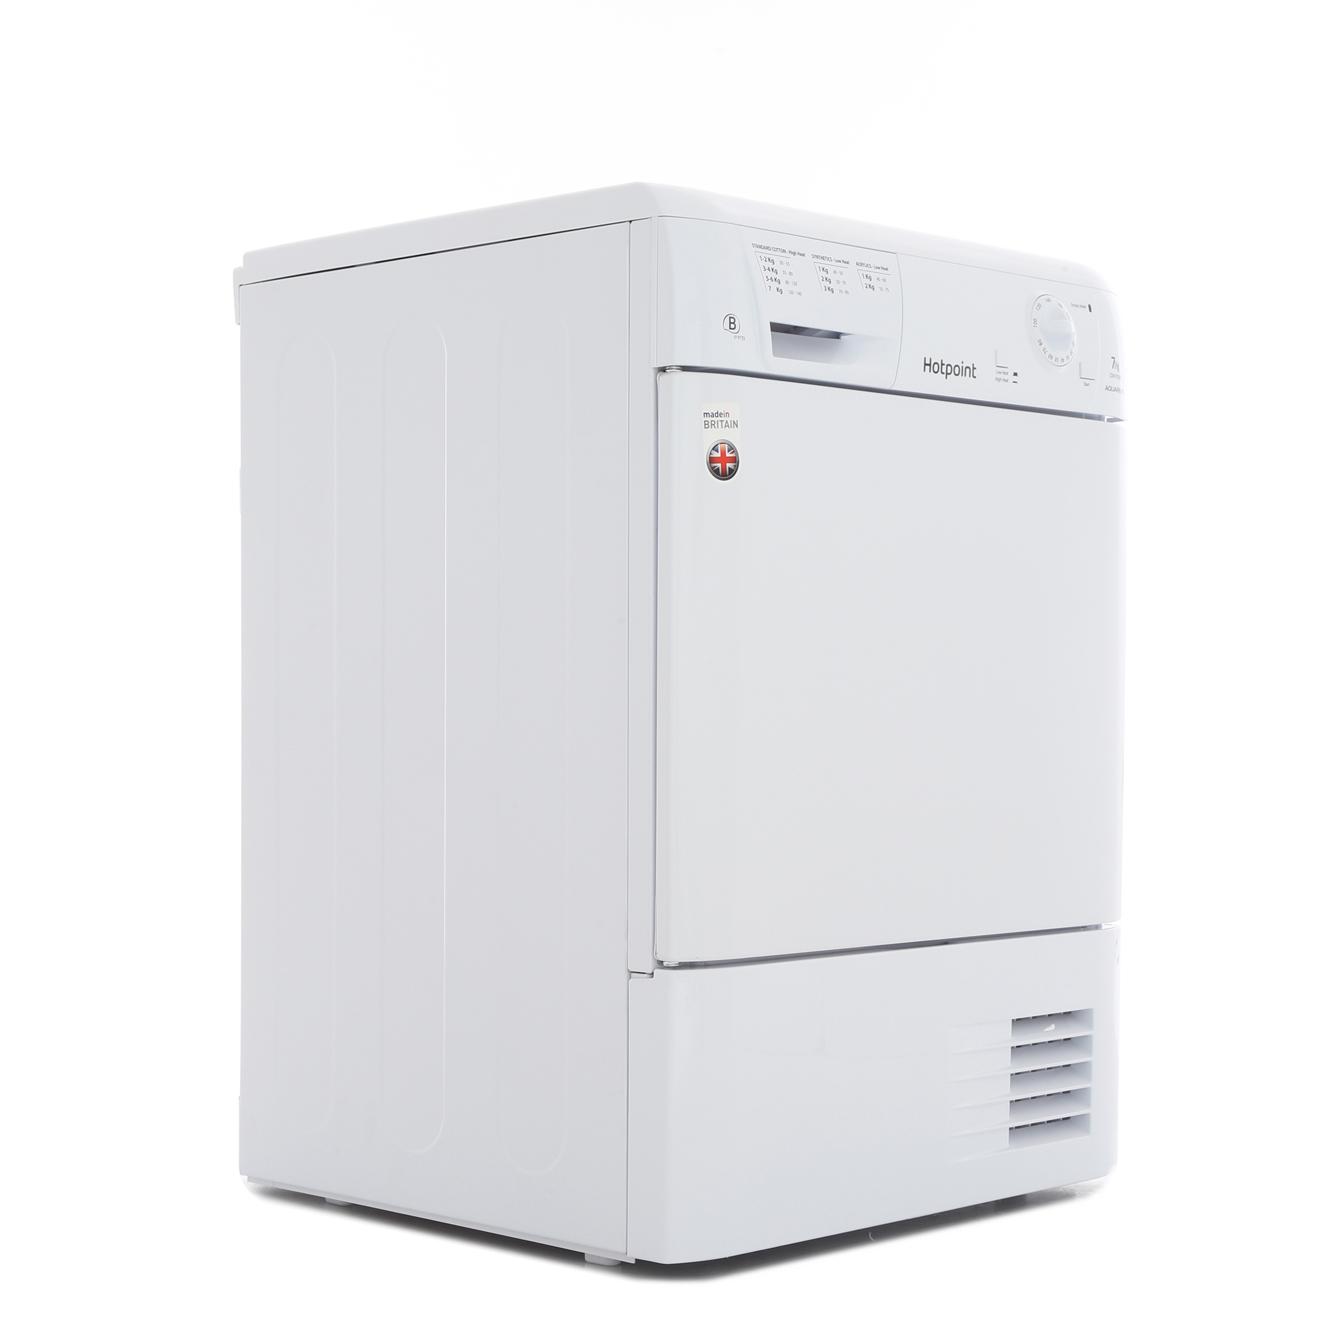 Hotpoint CDN7000BP Condenser Dryer